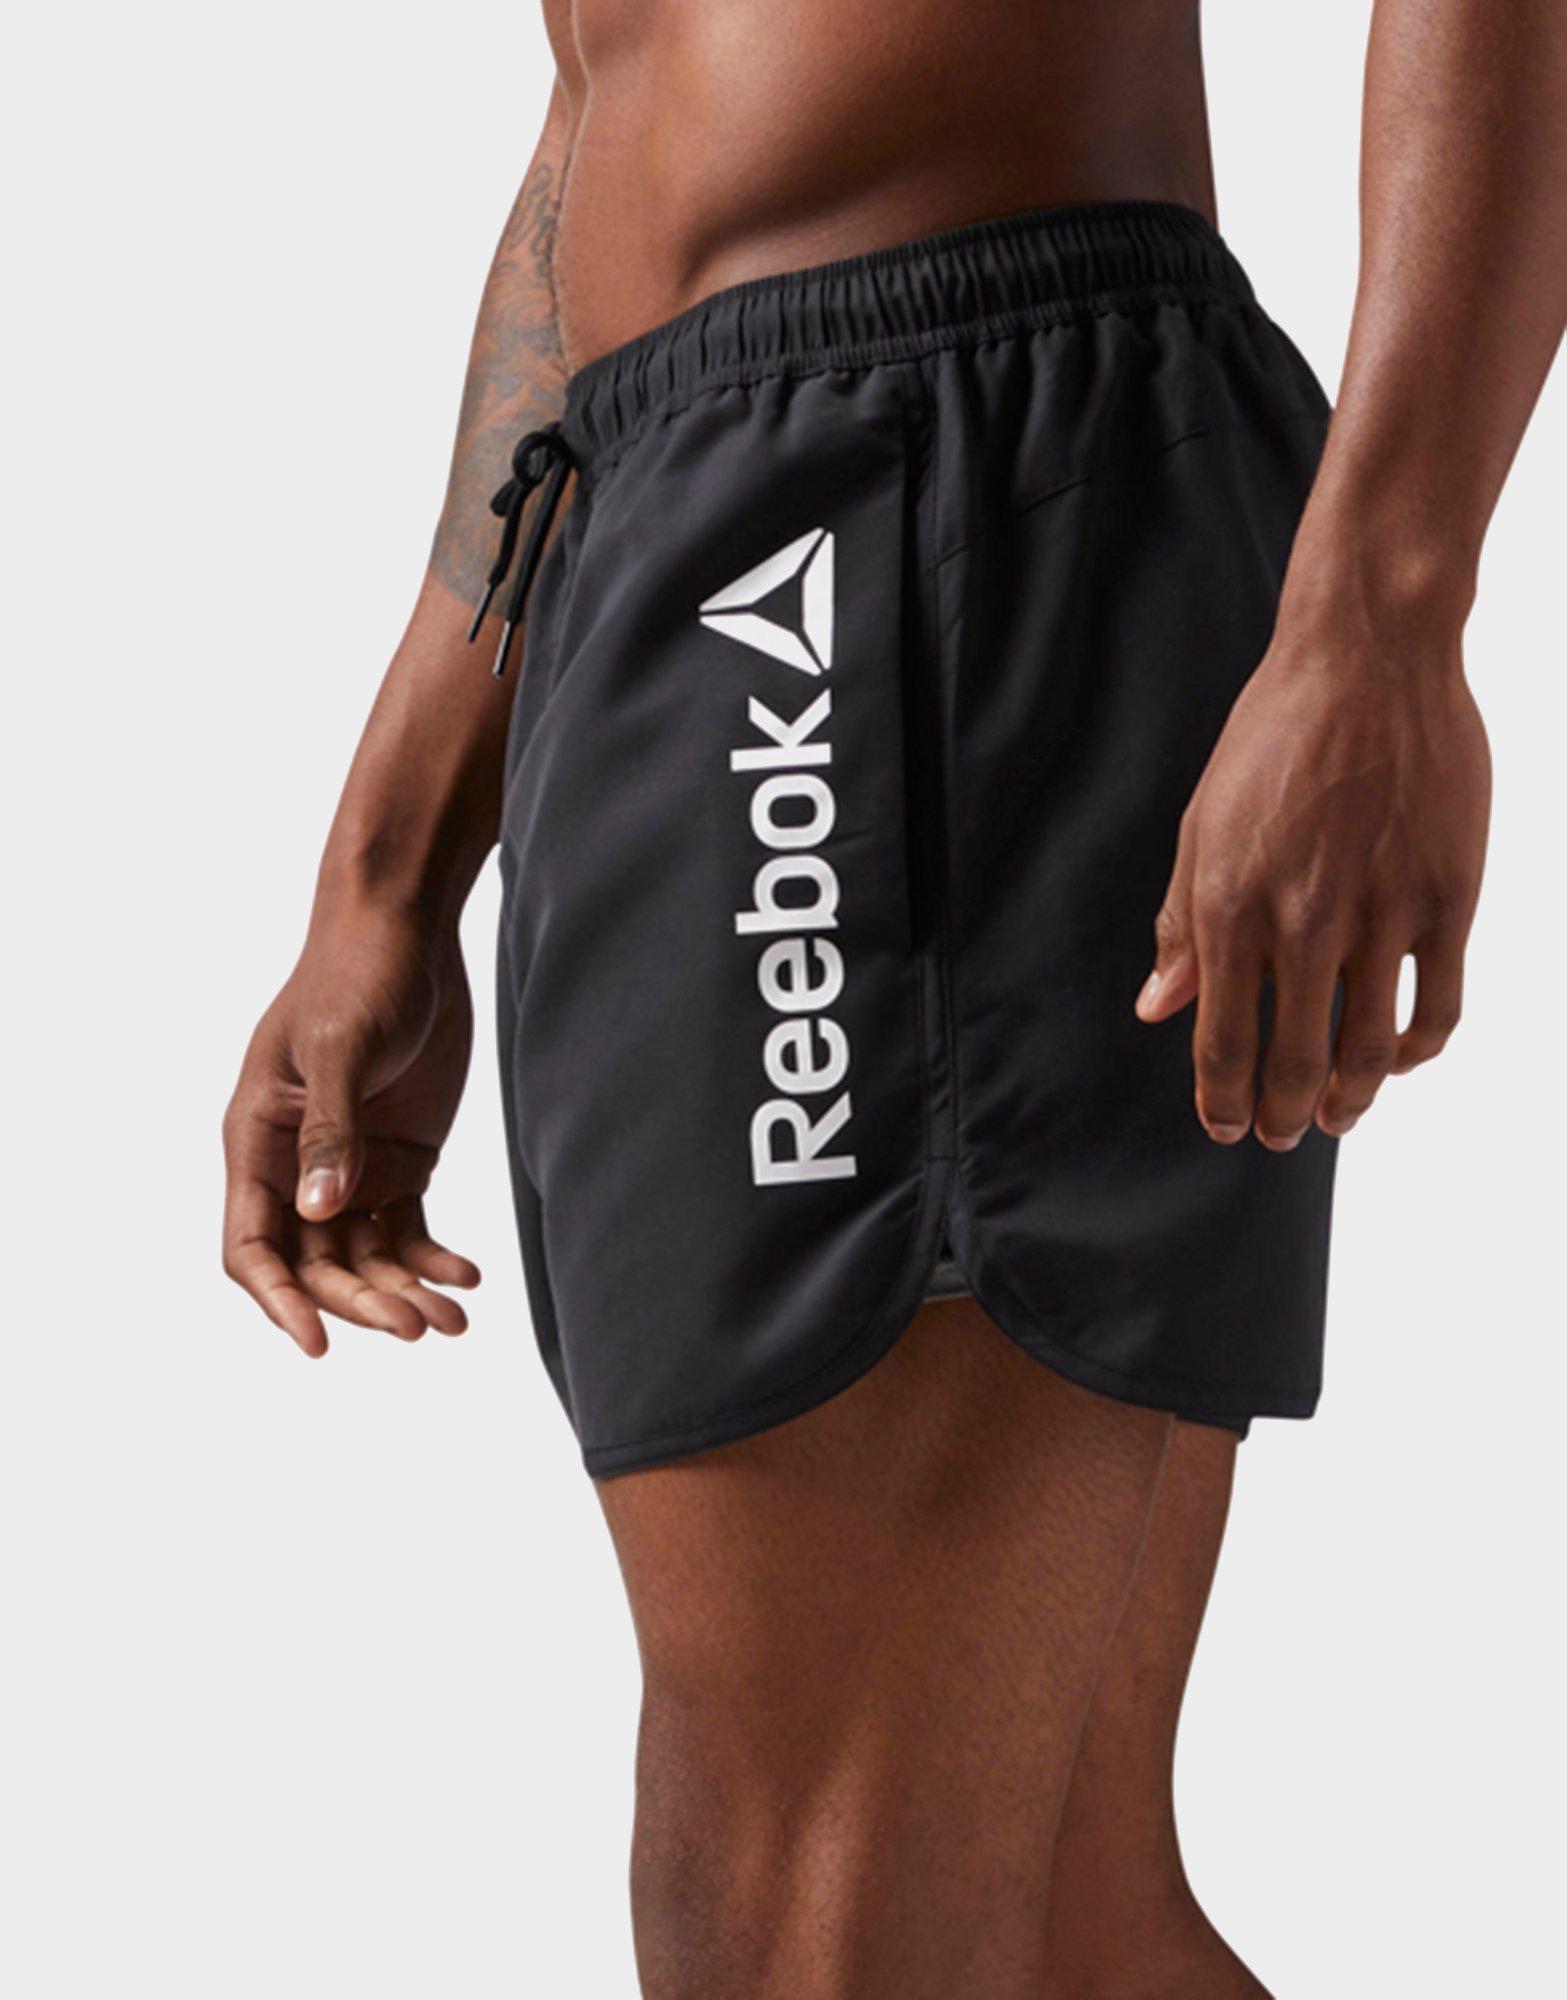 d30d36a251 Reebok Pool Ready Bathing Suit in Black for Men - Lyst